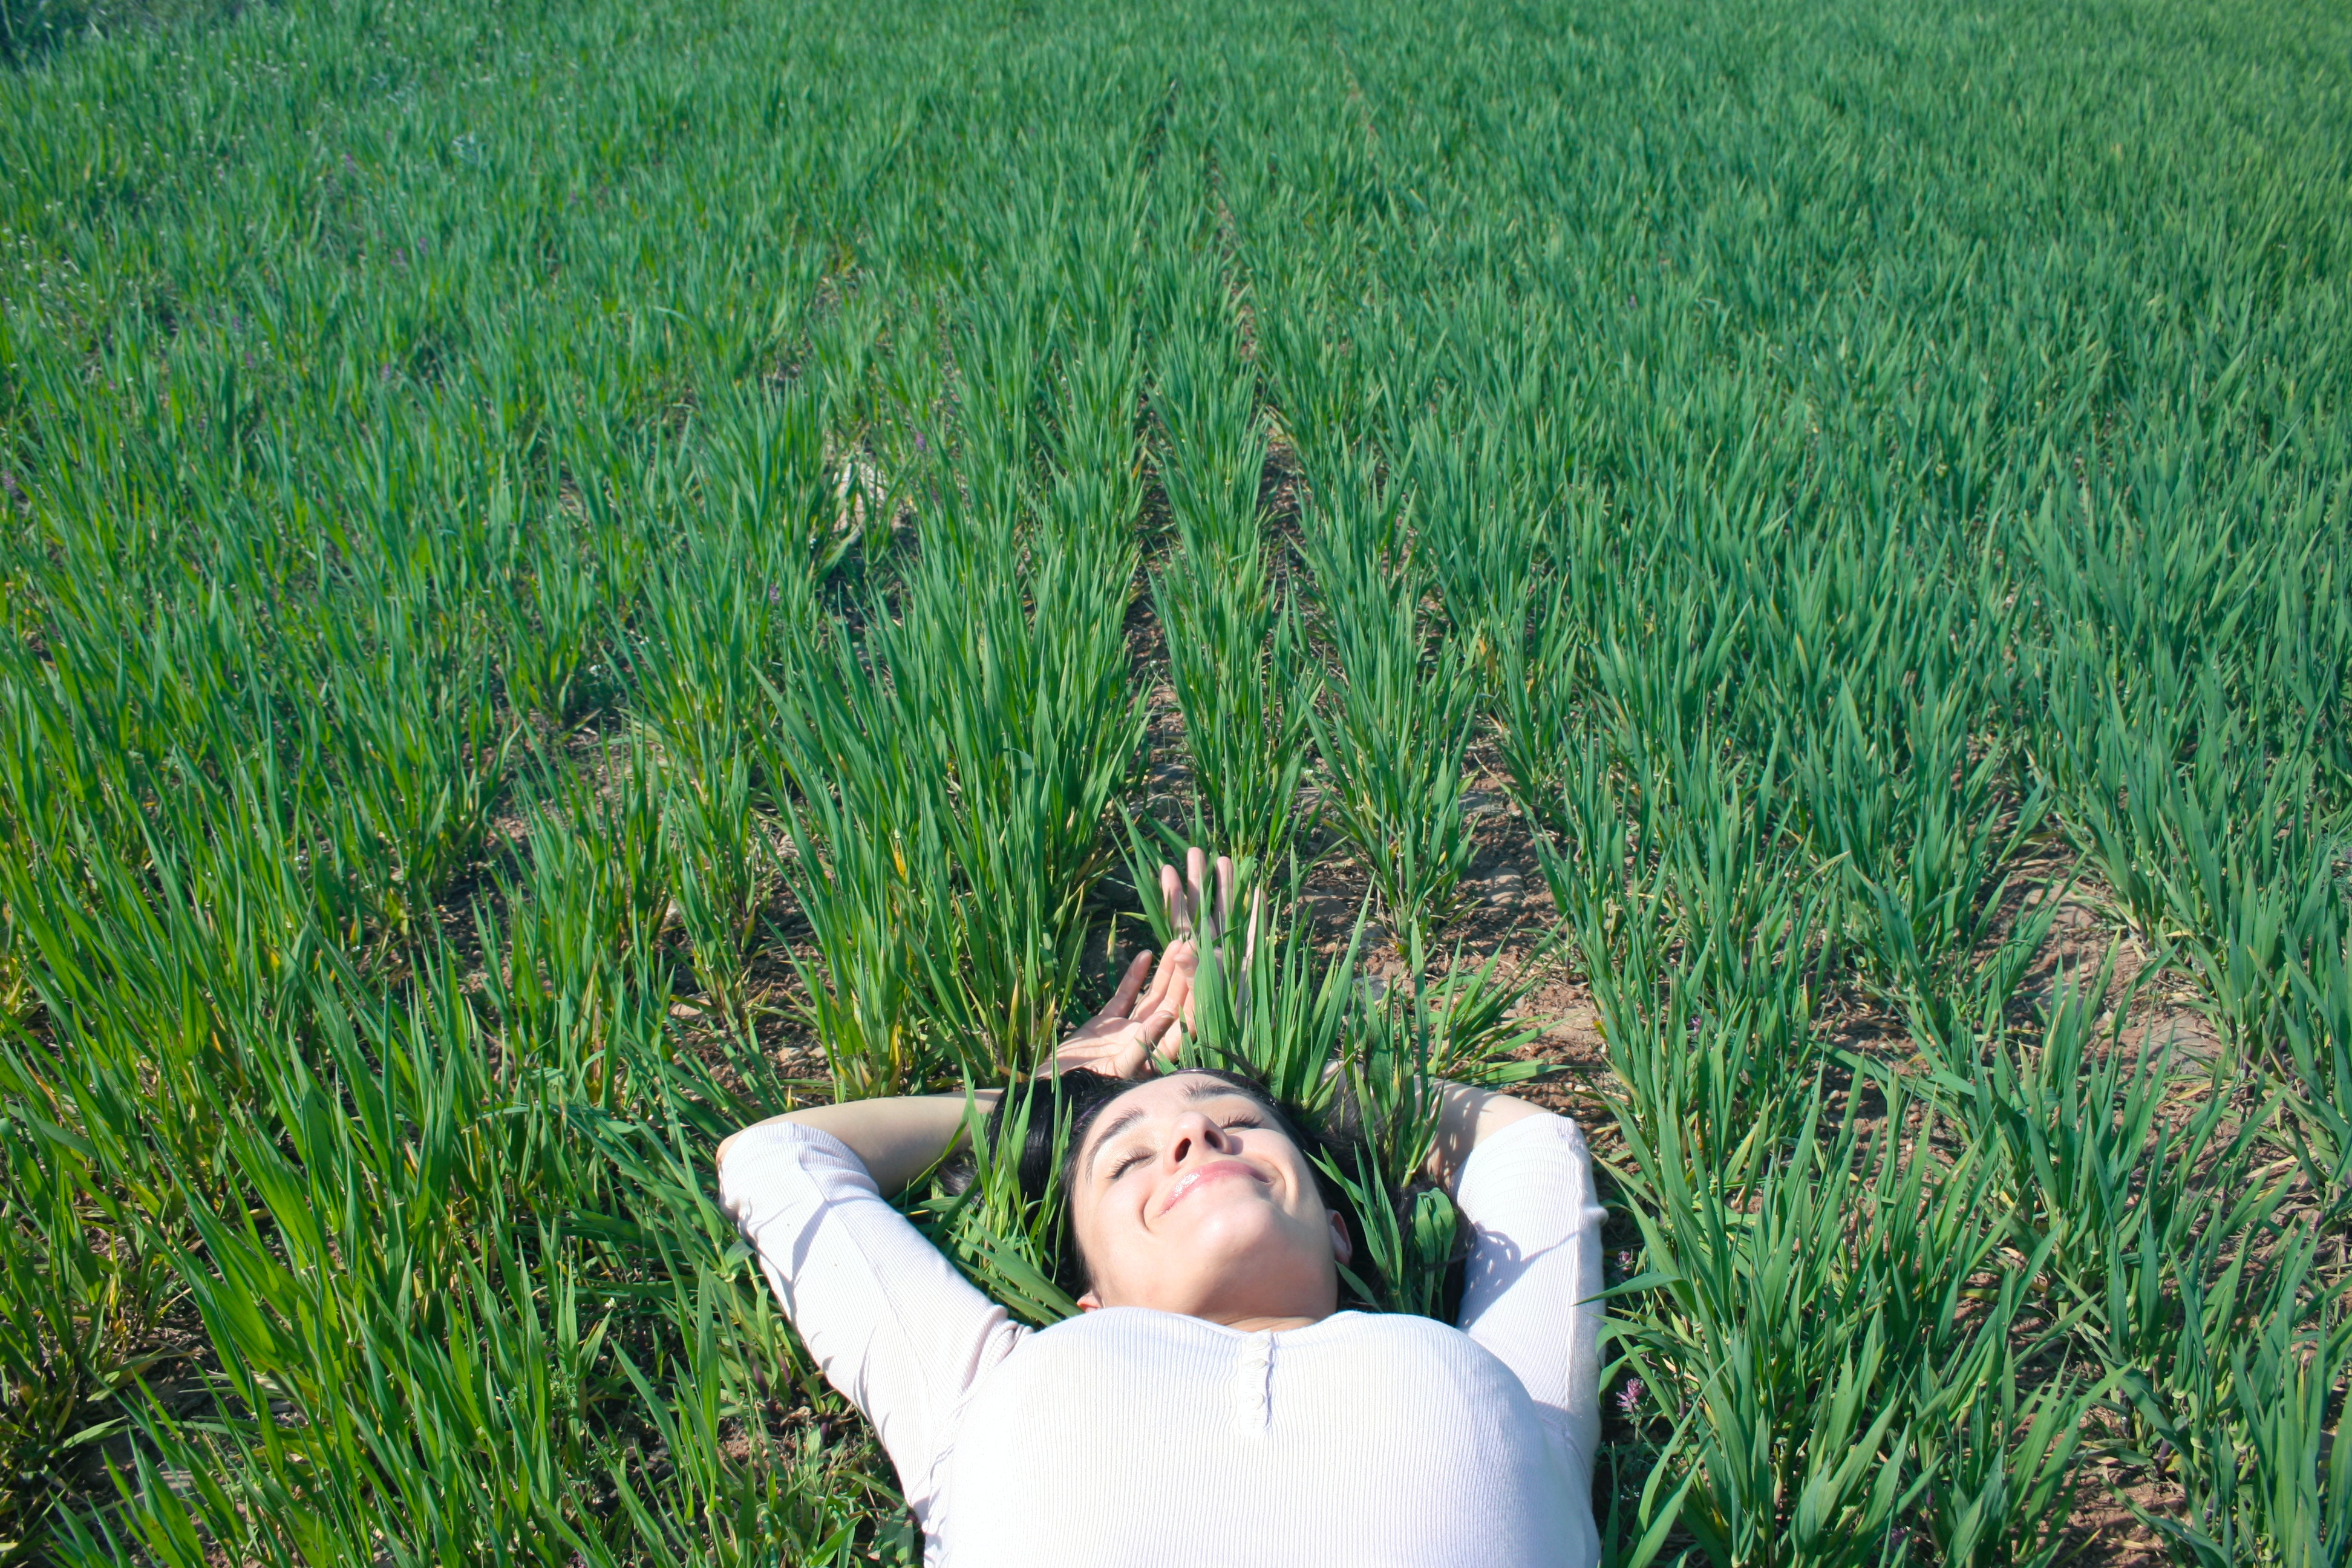 Мучает бессонница - как уснуть. Способы лечения бессонницы